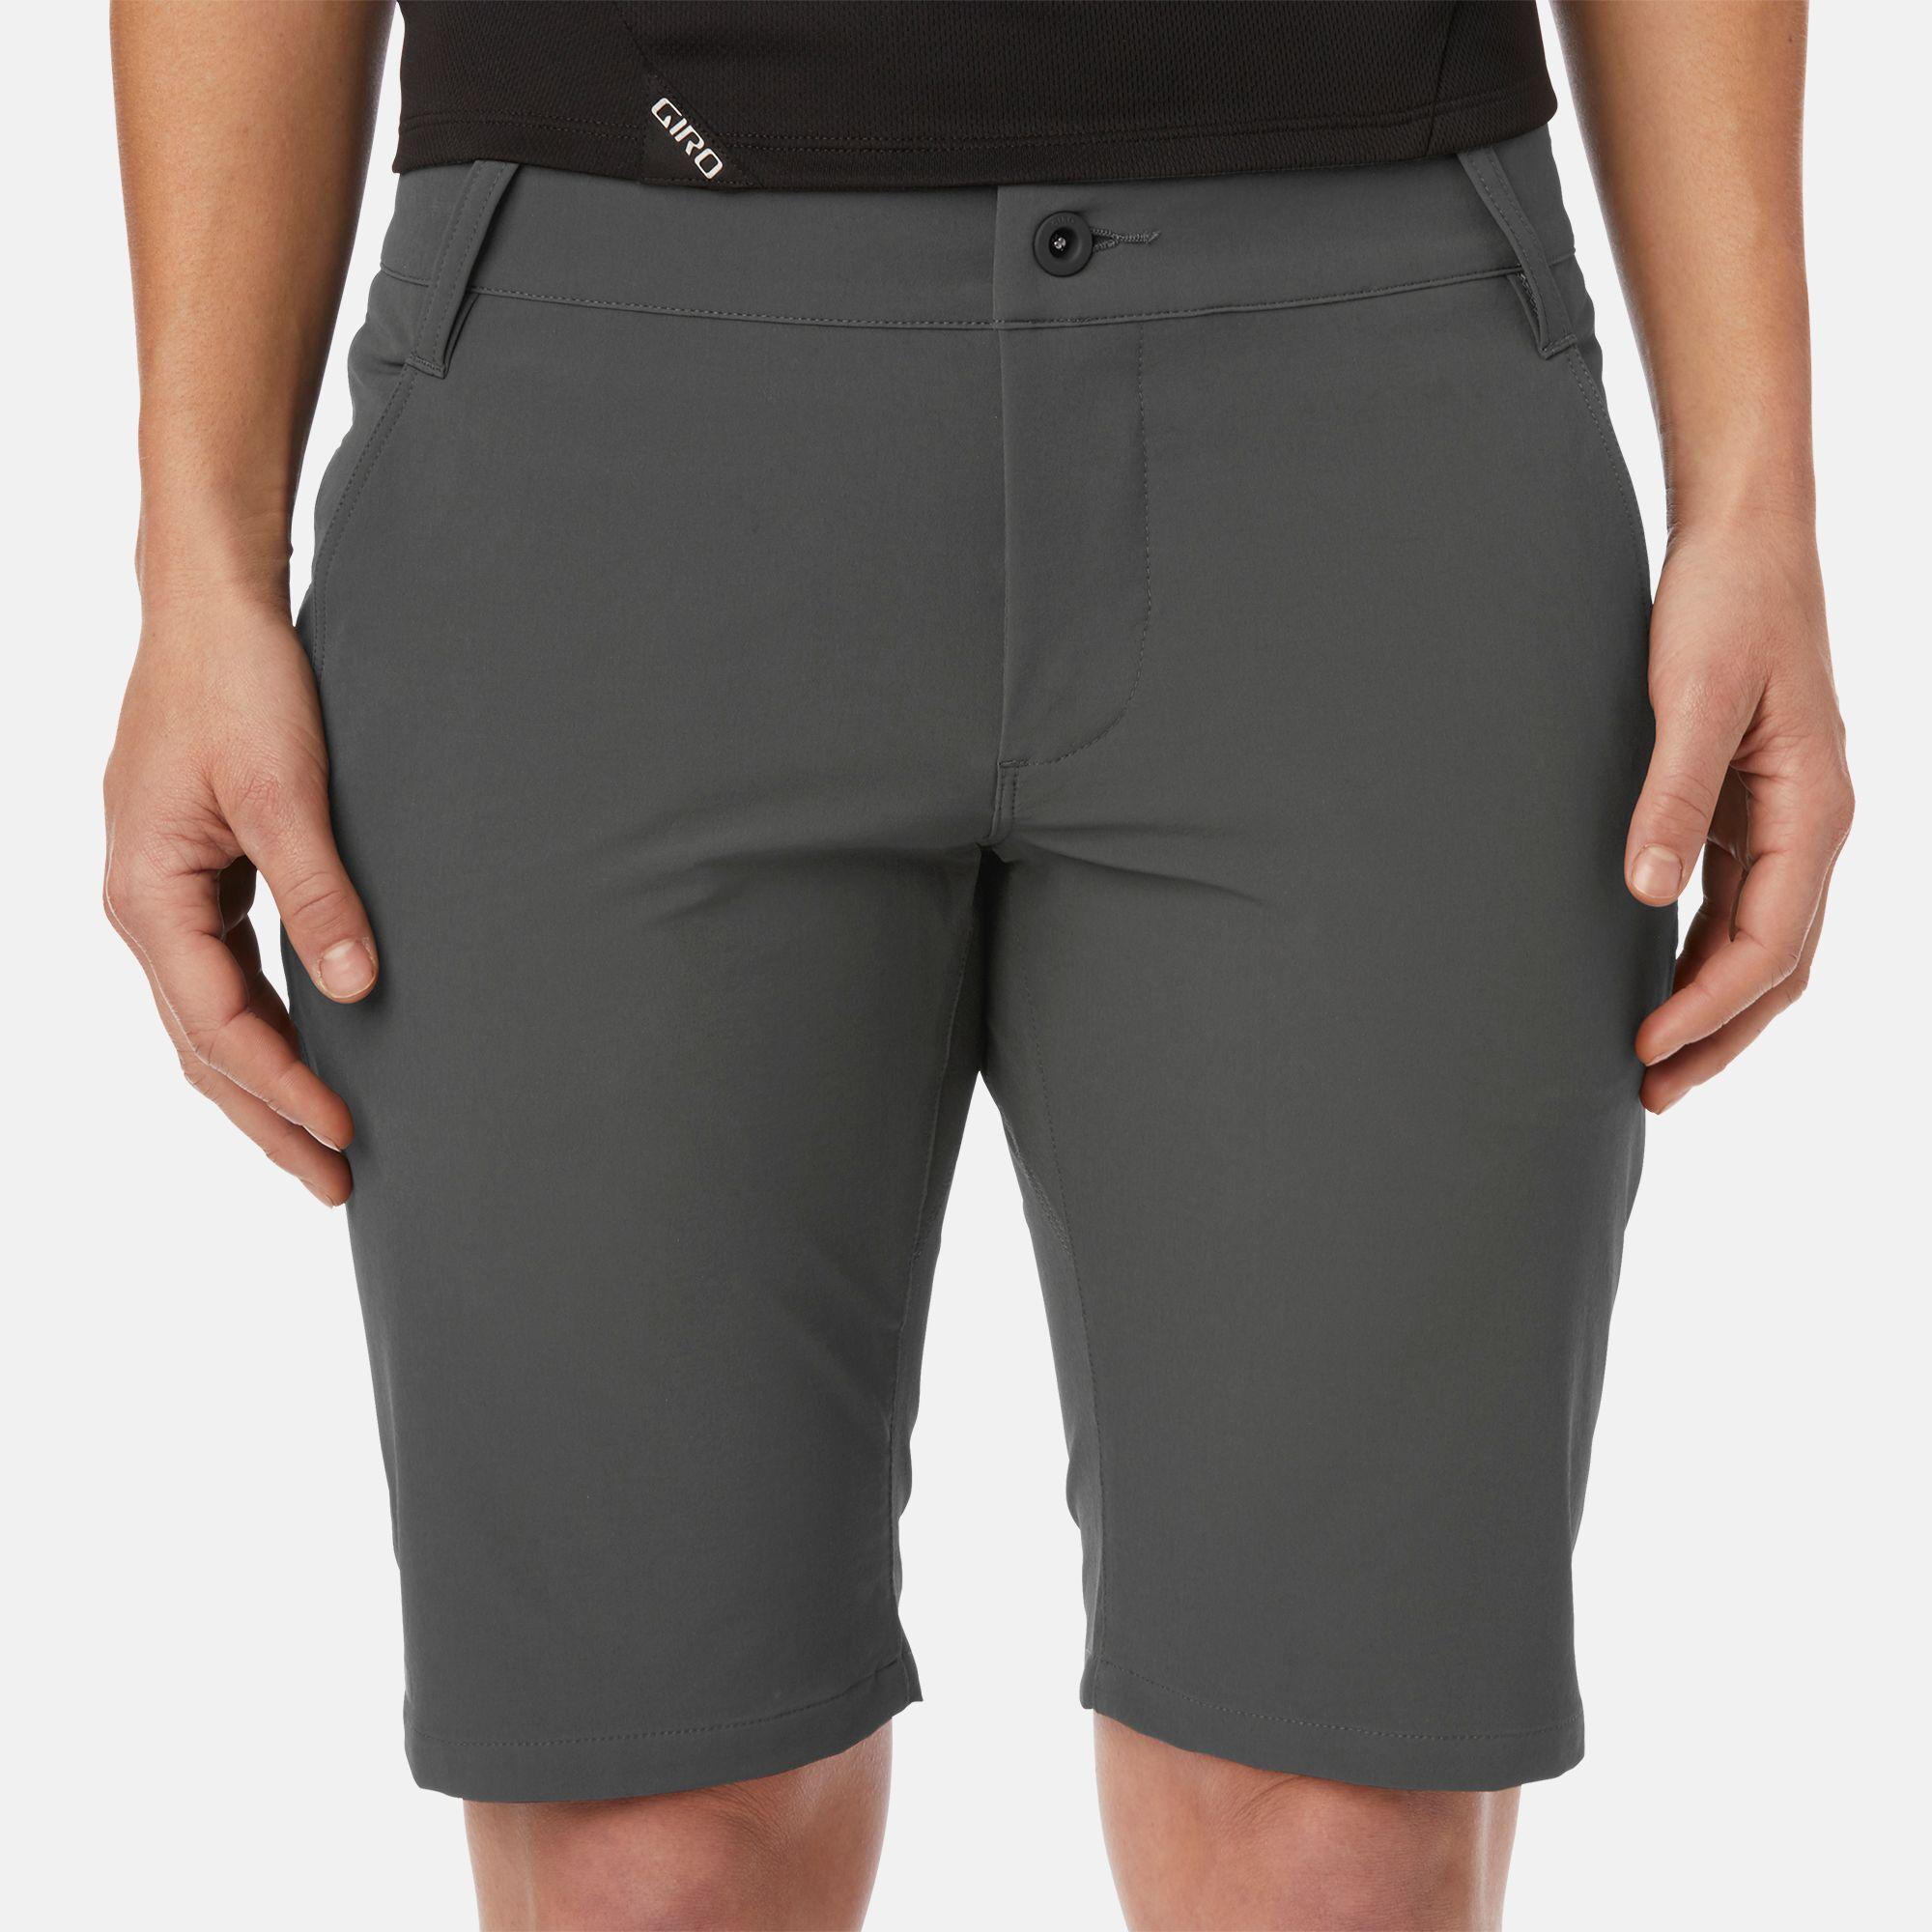 Giro Womens Havoc Cycling Shorts